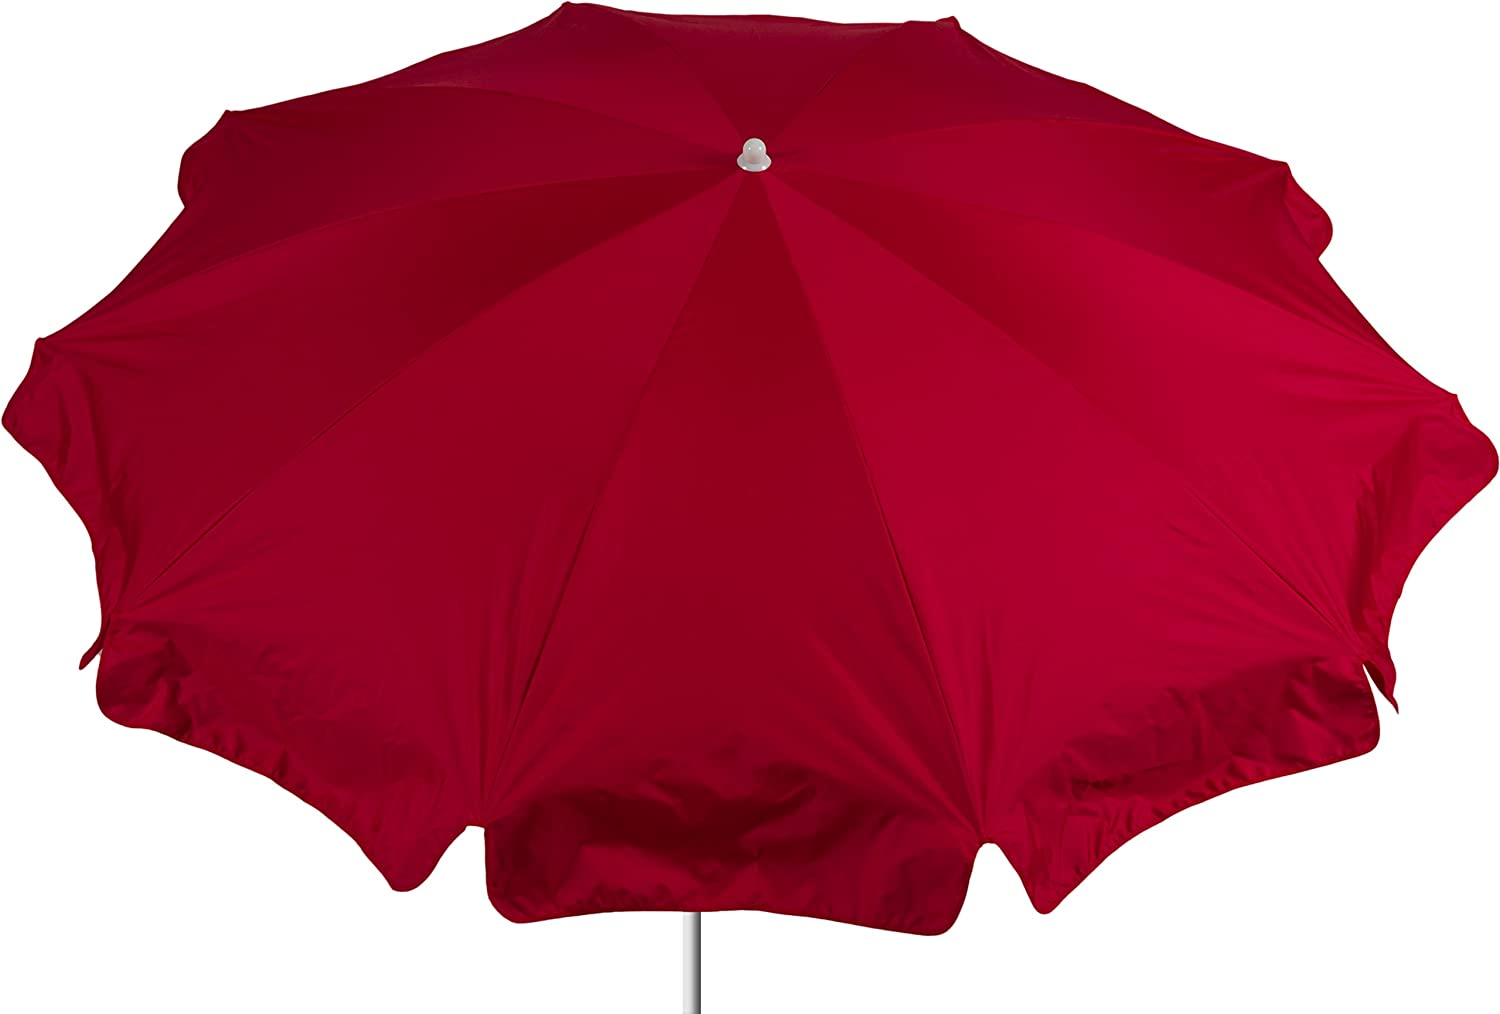 beo Sonnenschirme wasserabweisender, rund, Durchmesser 200 cm, rot jetzt bestellen